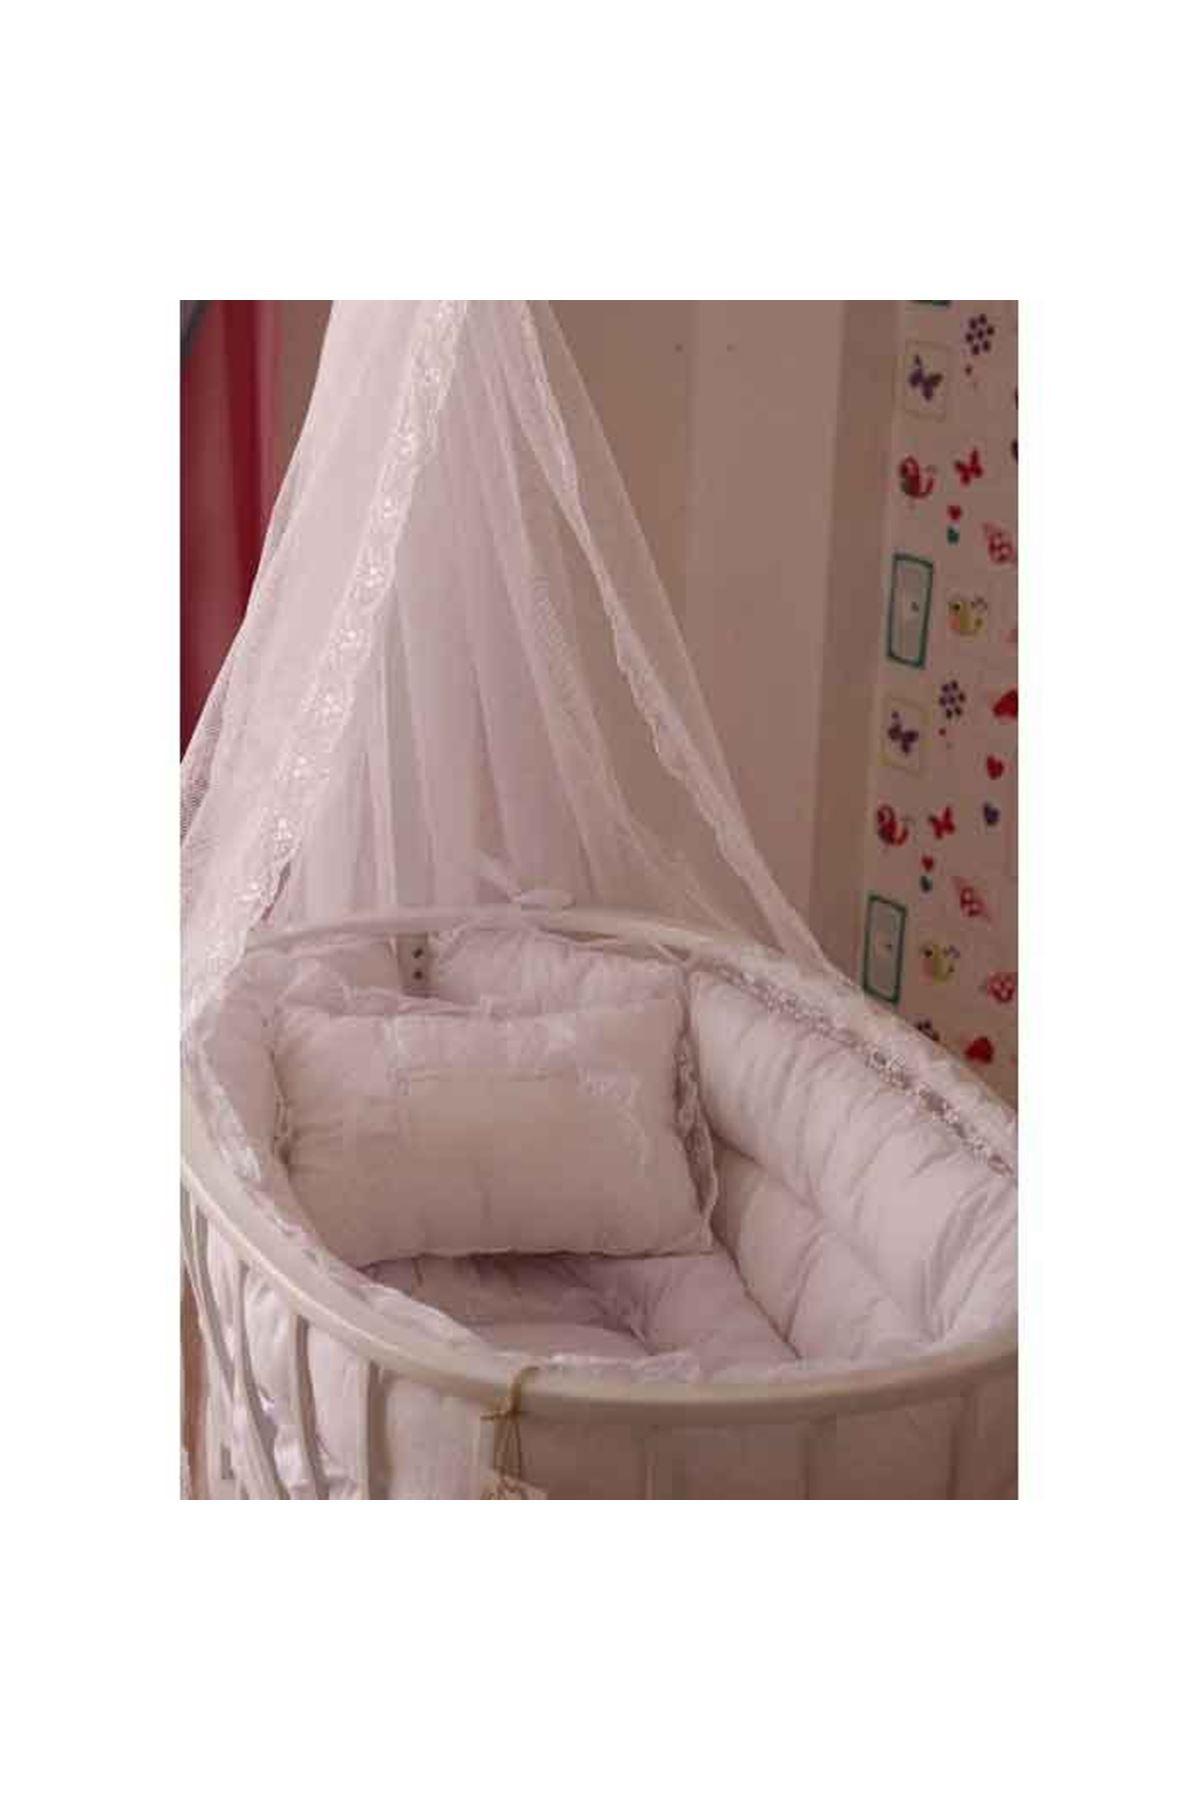 Beyaz Fransız Dantel Puf Uyku Setli Beyaz Sepet Beşik